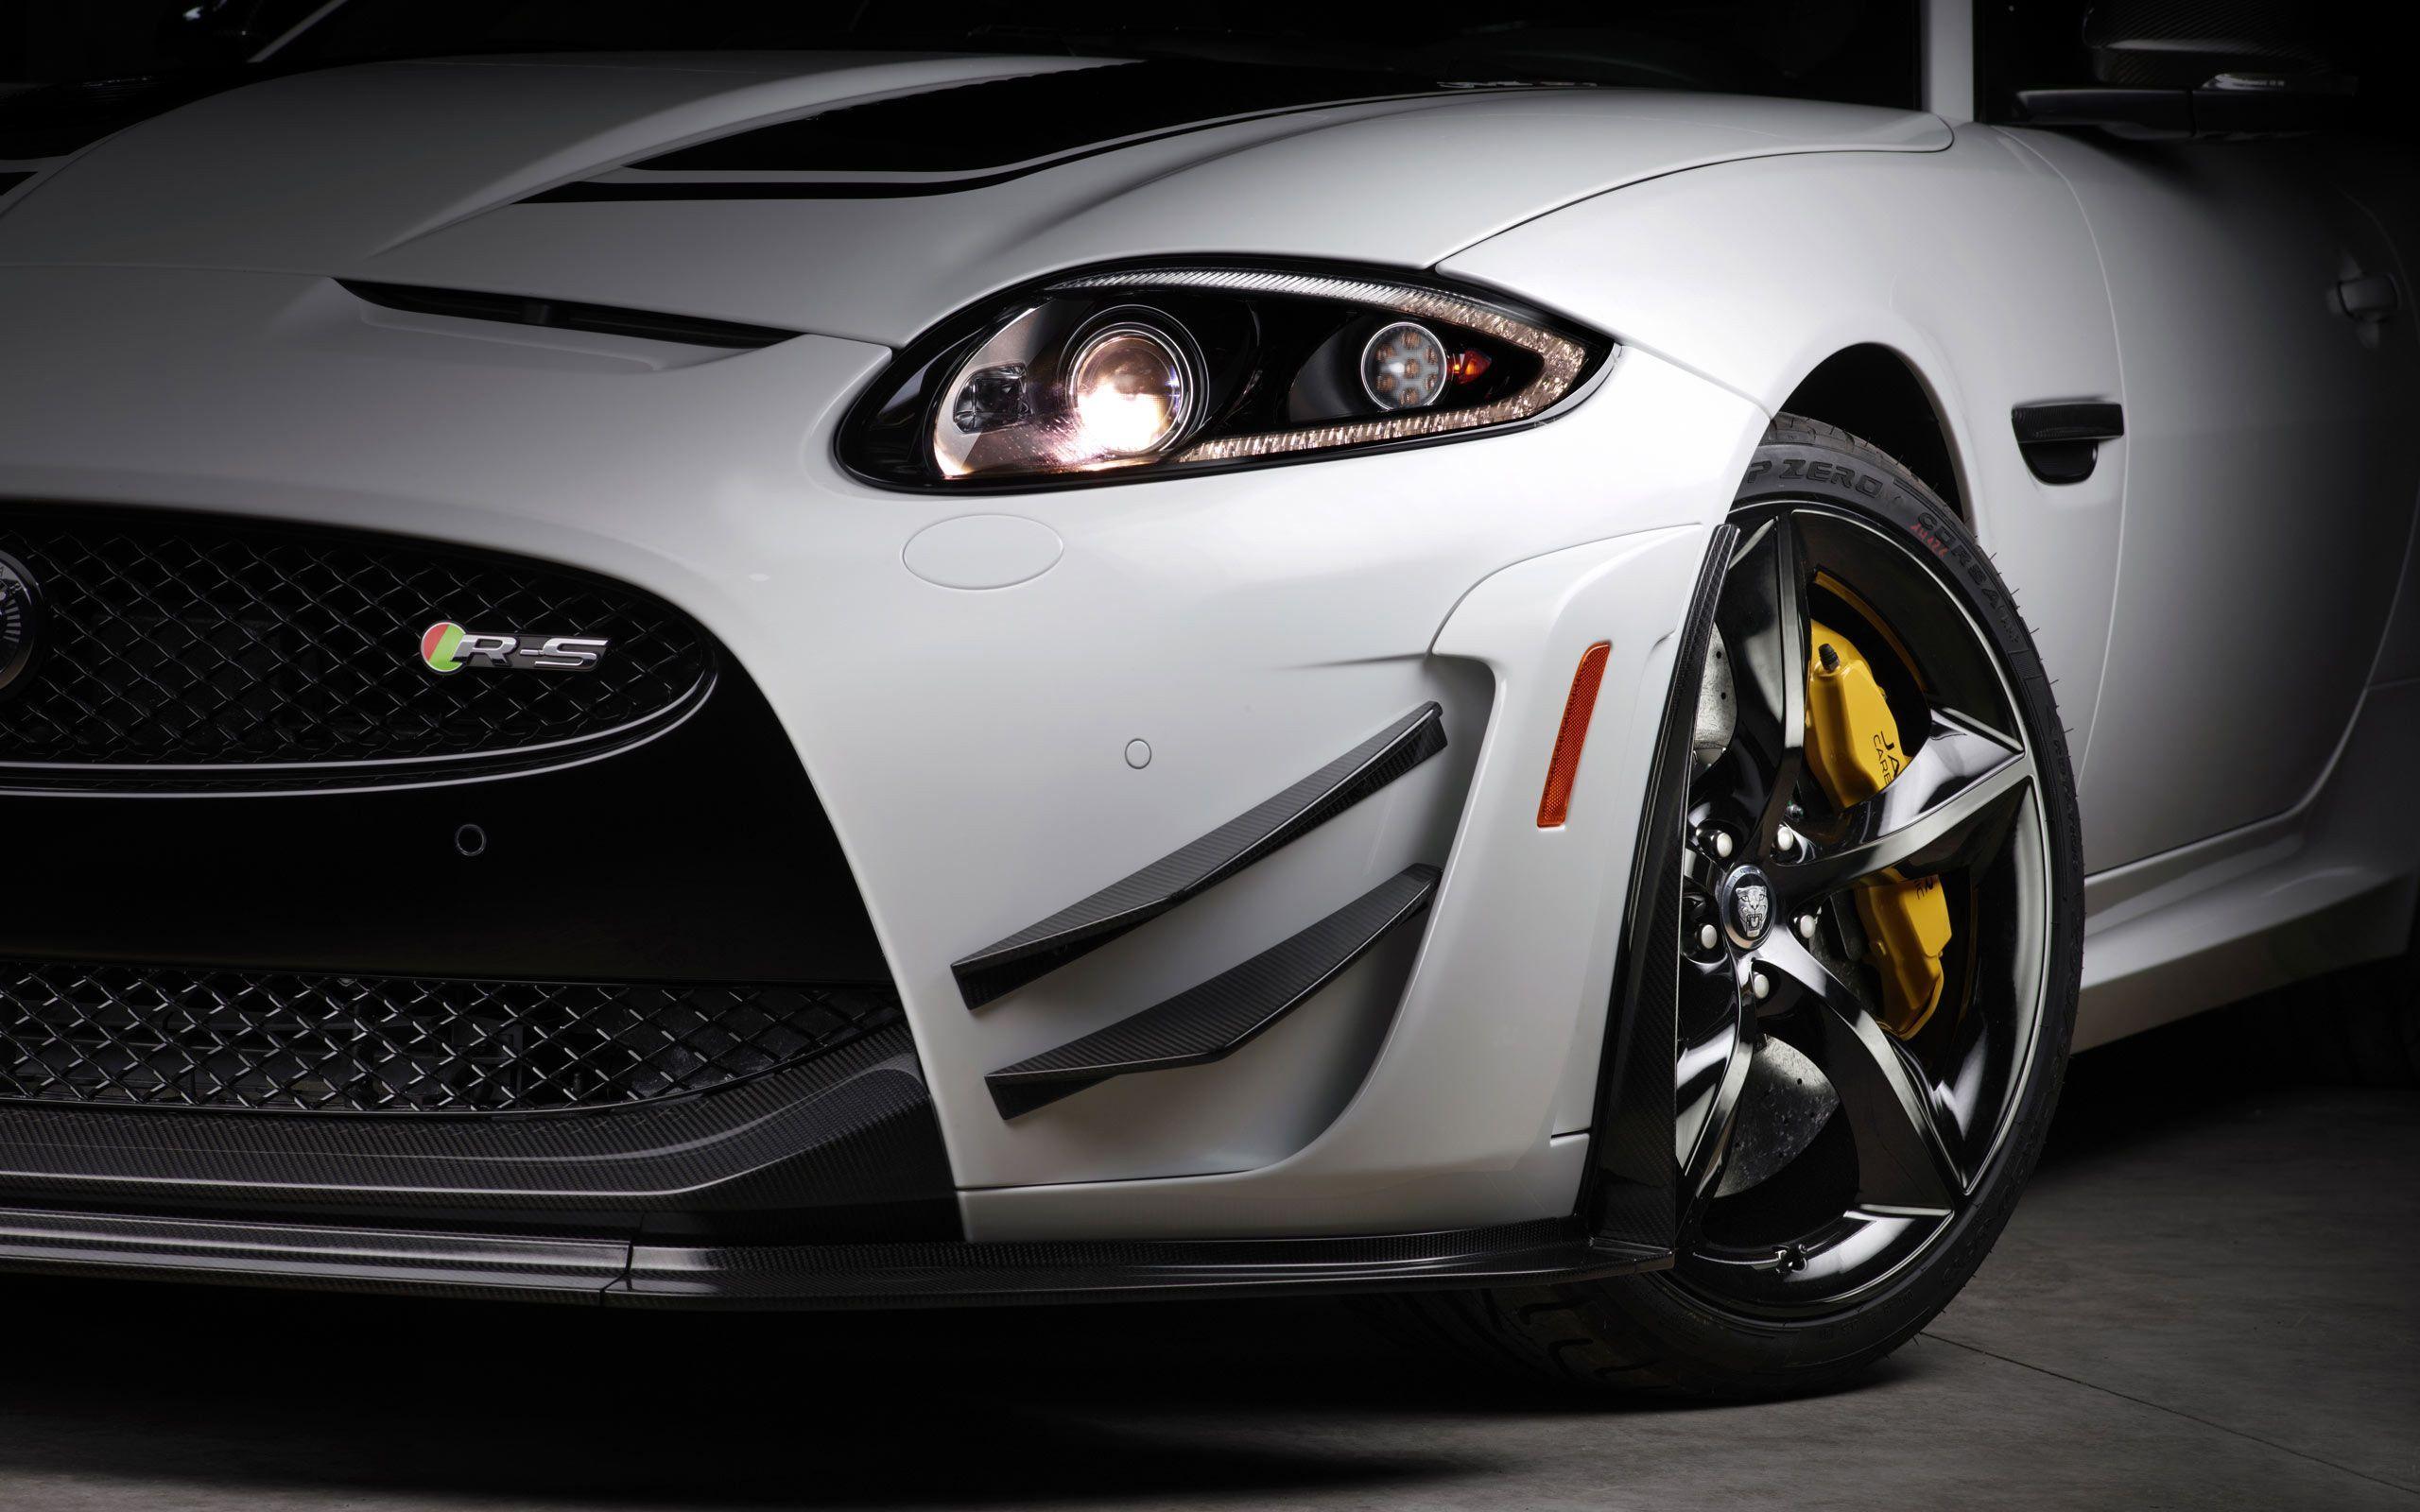 Jaguar Car Hd Wallpapers Top Free Jaguar Car Hd